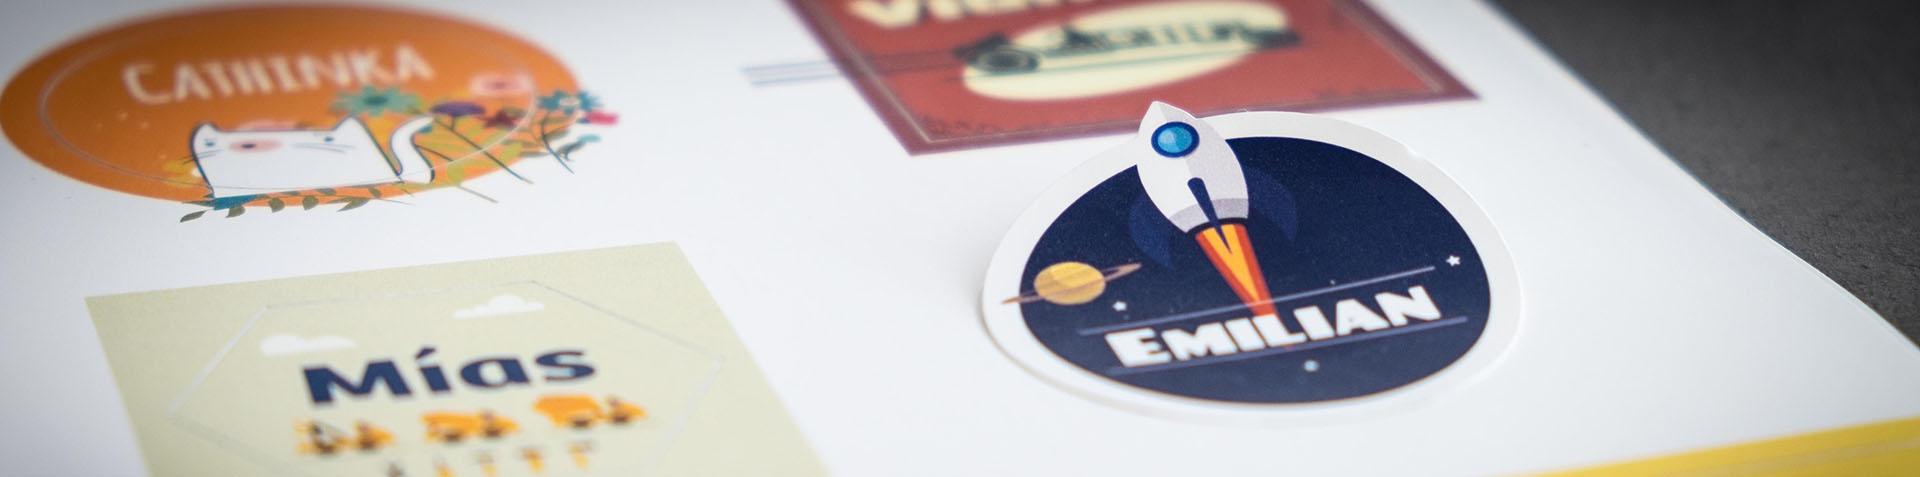 Ontwerpen, printen en snijden van stickers